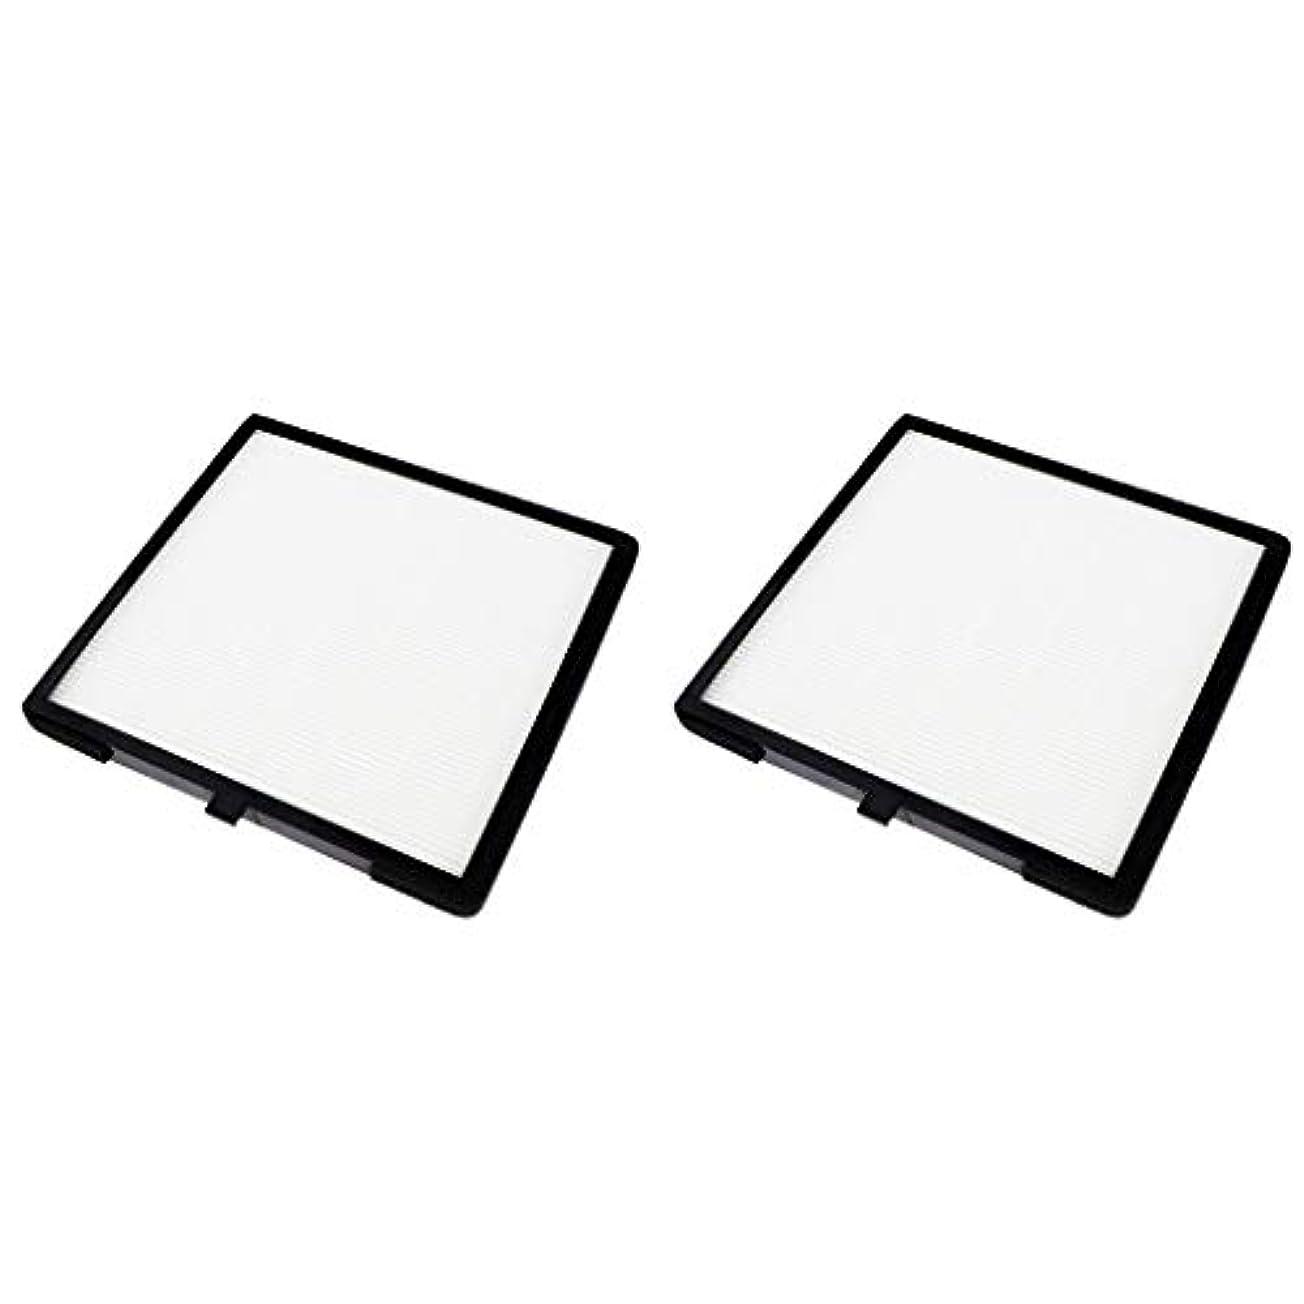 提案するデンマーク語一人で2個入り ネイルダスト 集塵機 ネイルダスト吸引 ダストコレクター40W交換用フィルター お手入れ簡単